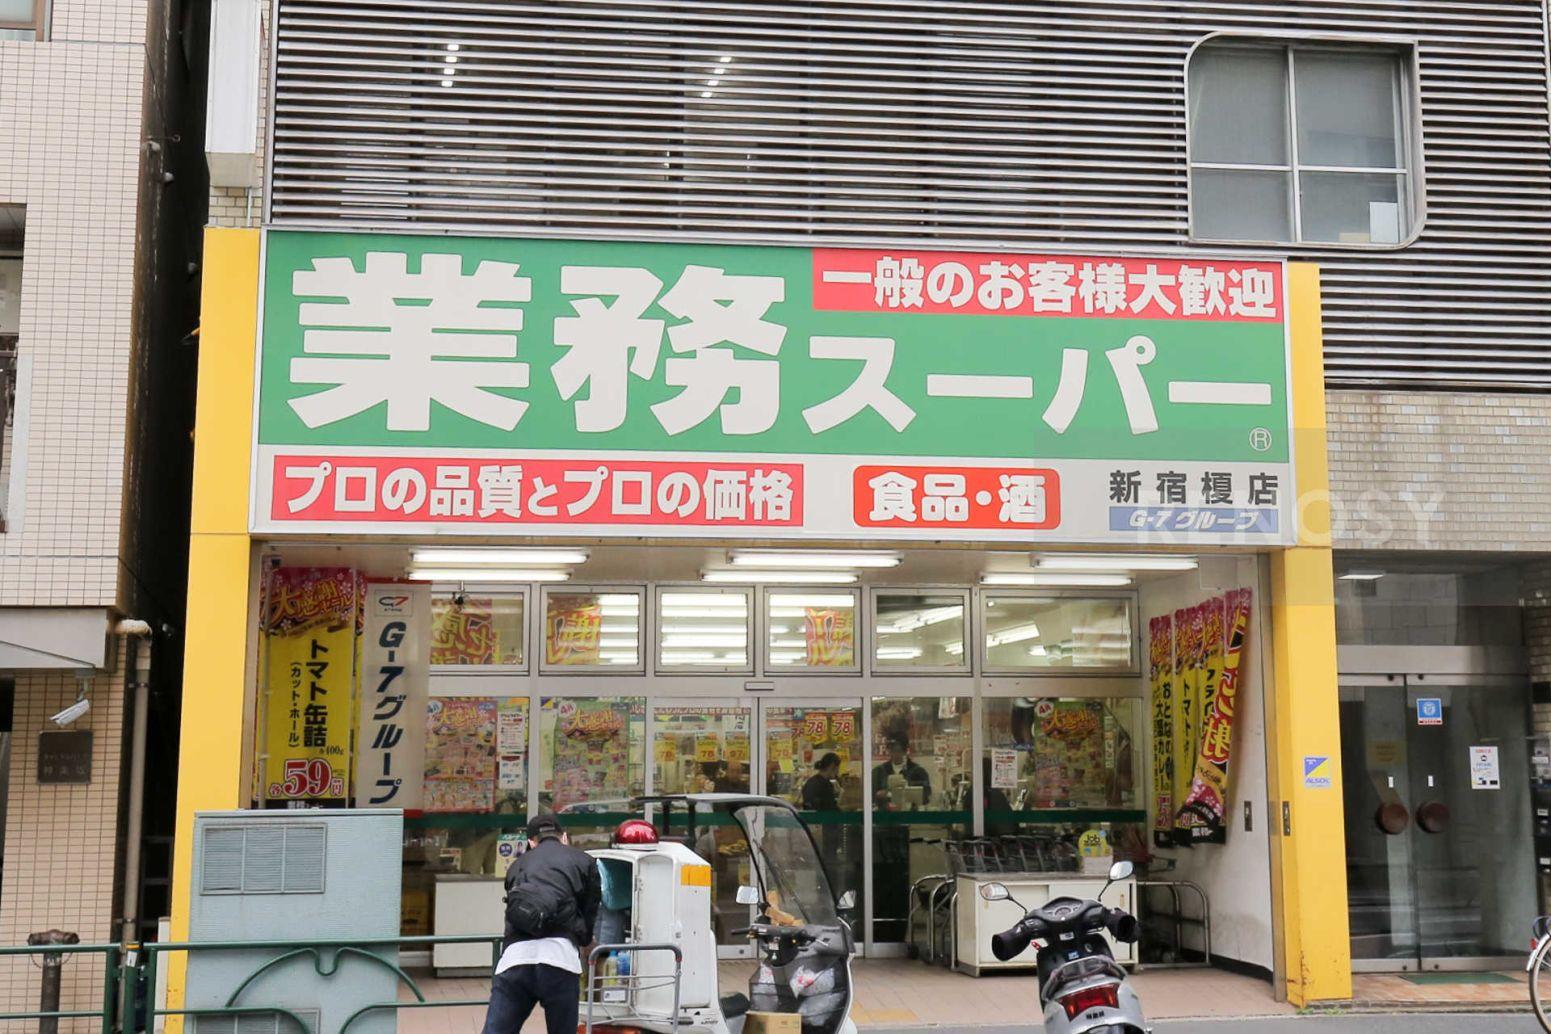 グランドメゾン新宿弁天町